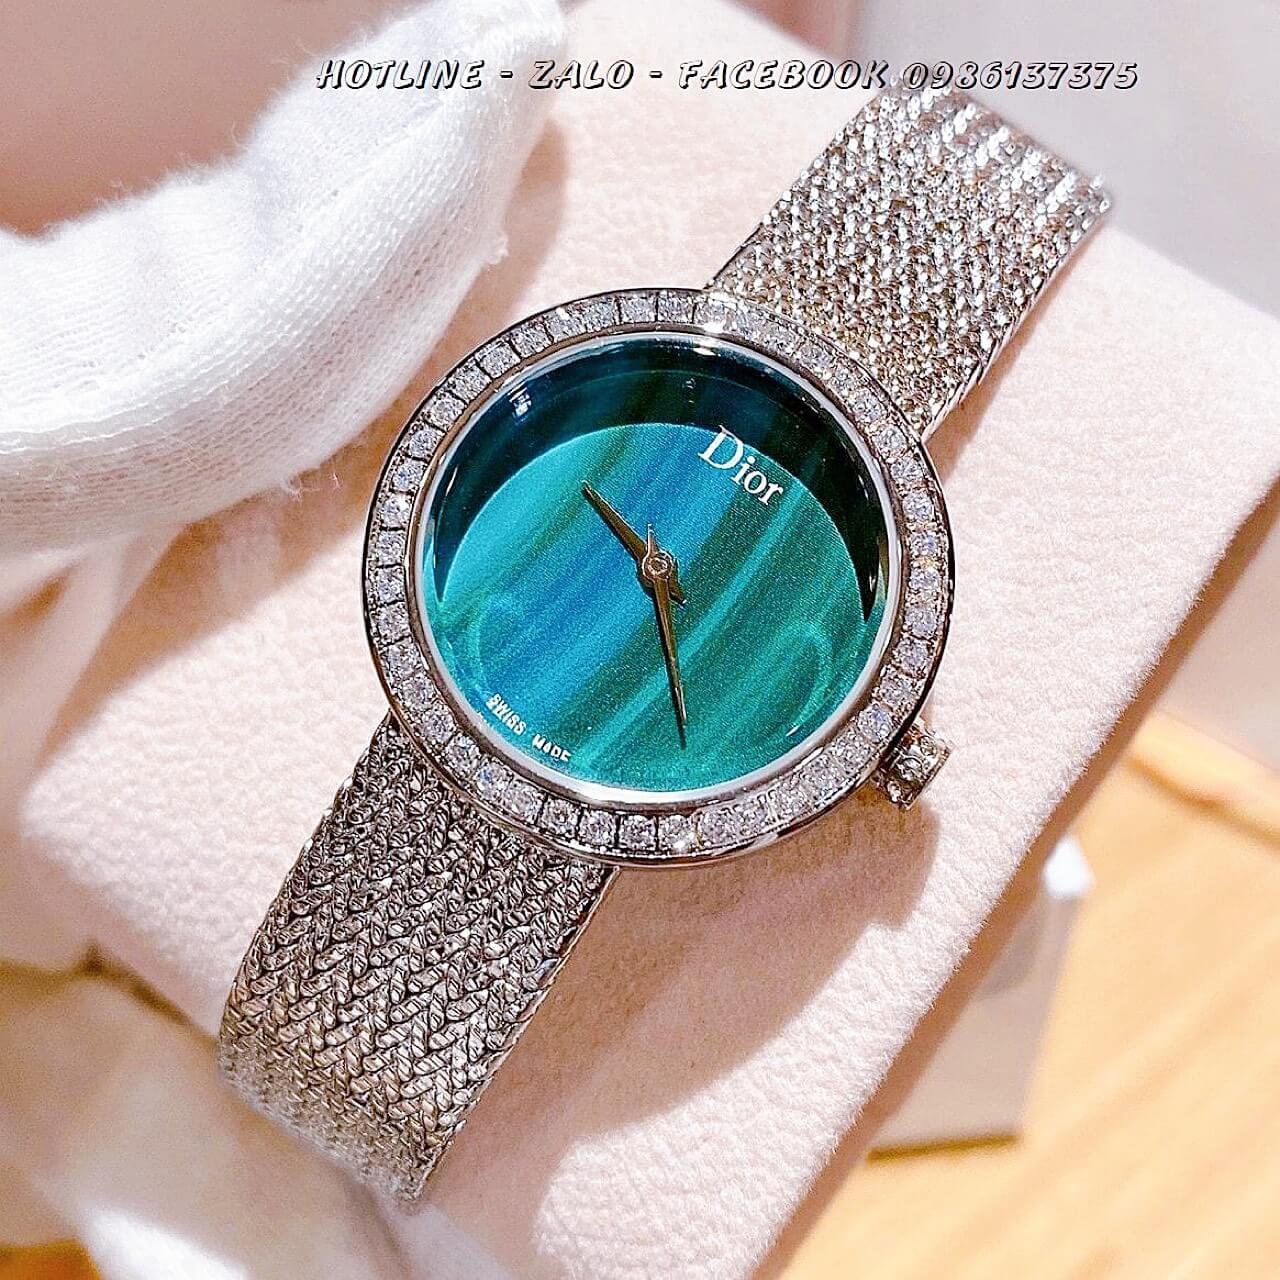 Đồng Hồ Dior Nữ Dây Bạc Mặt Xanh Ngọc 31mm